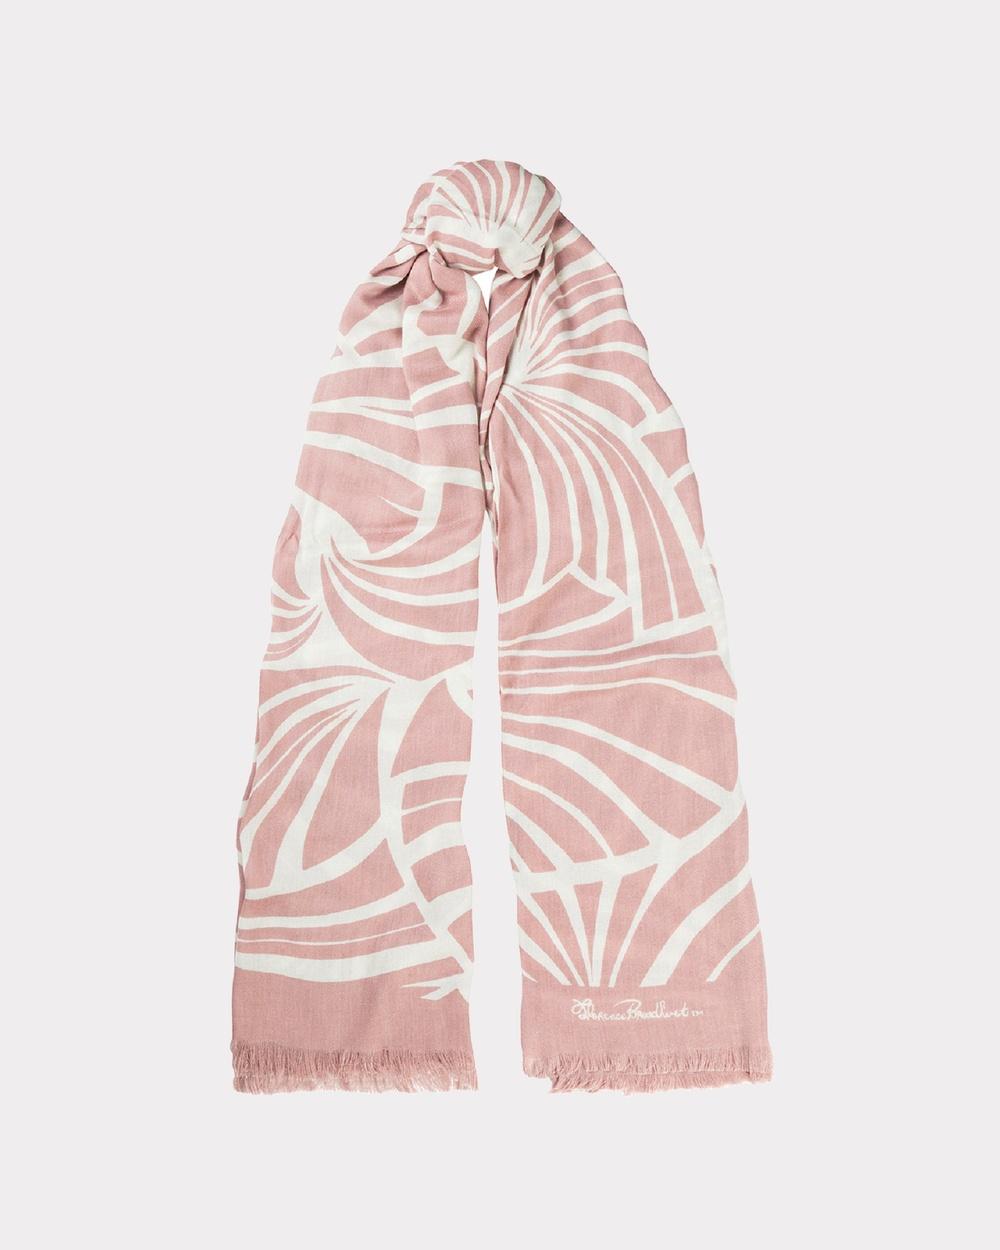 Florence Broadhurst Japanese Fans Scarf Scarves & Gloves Rose